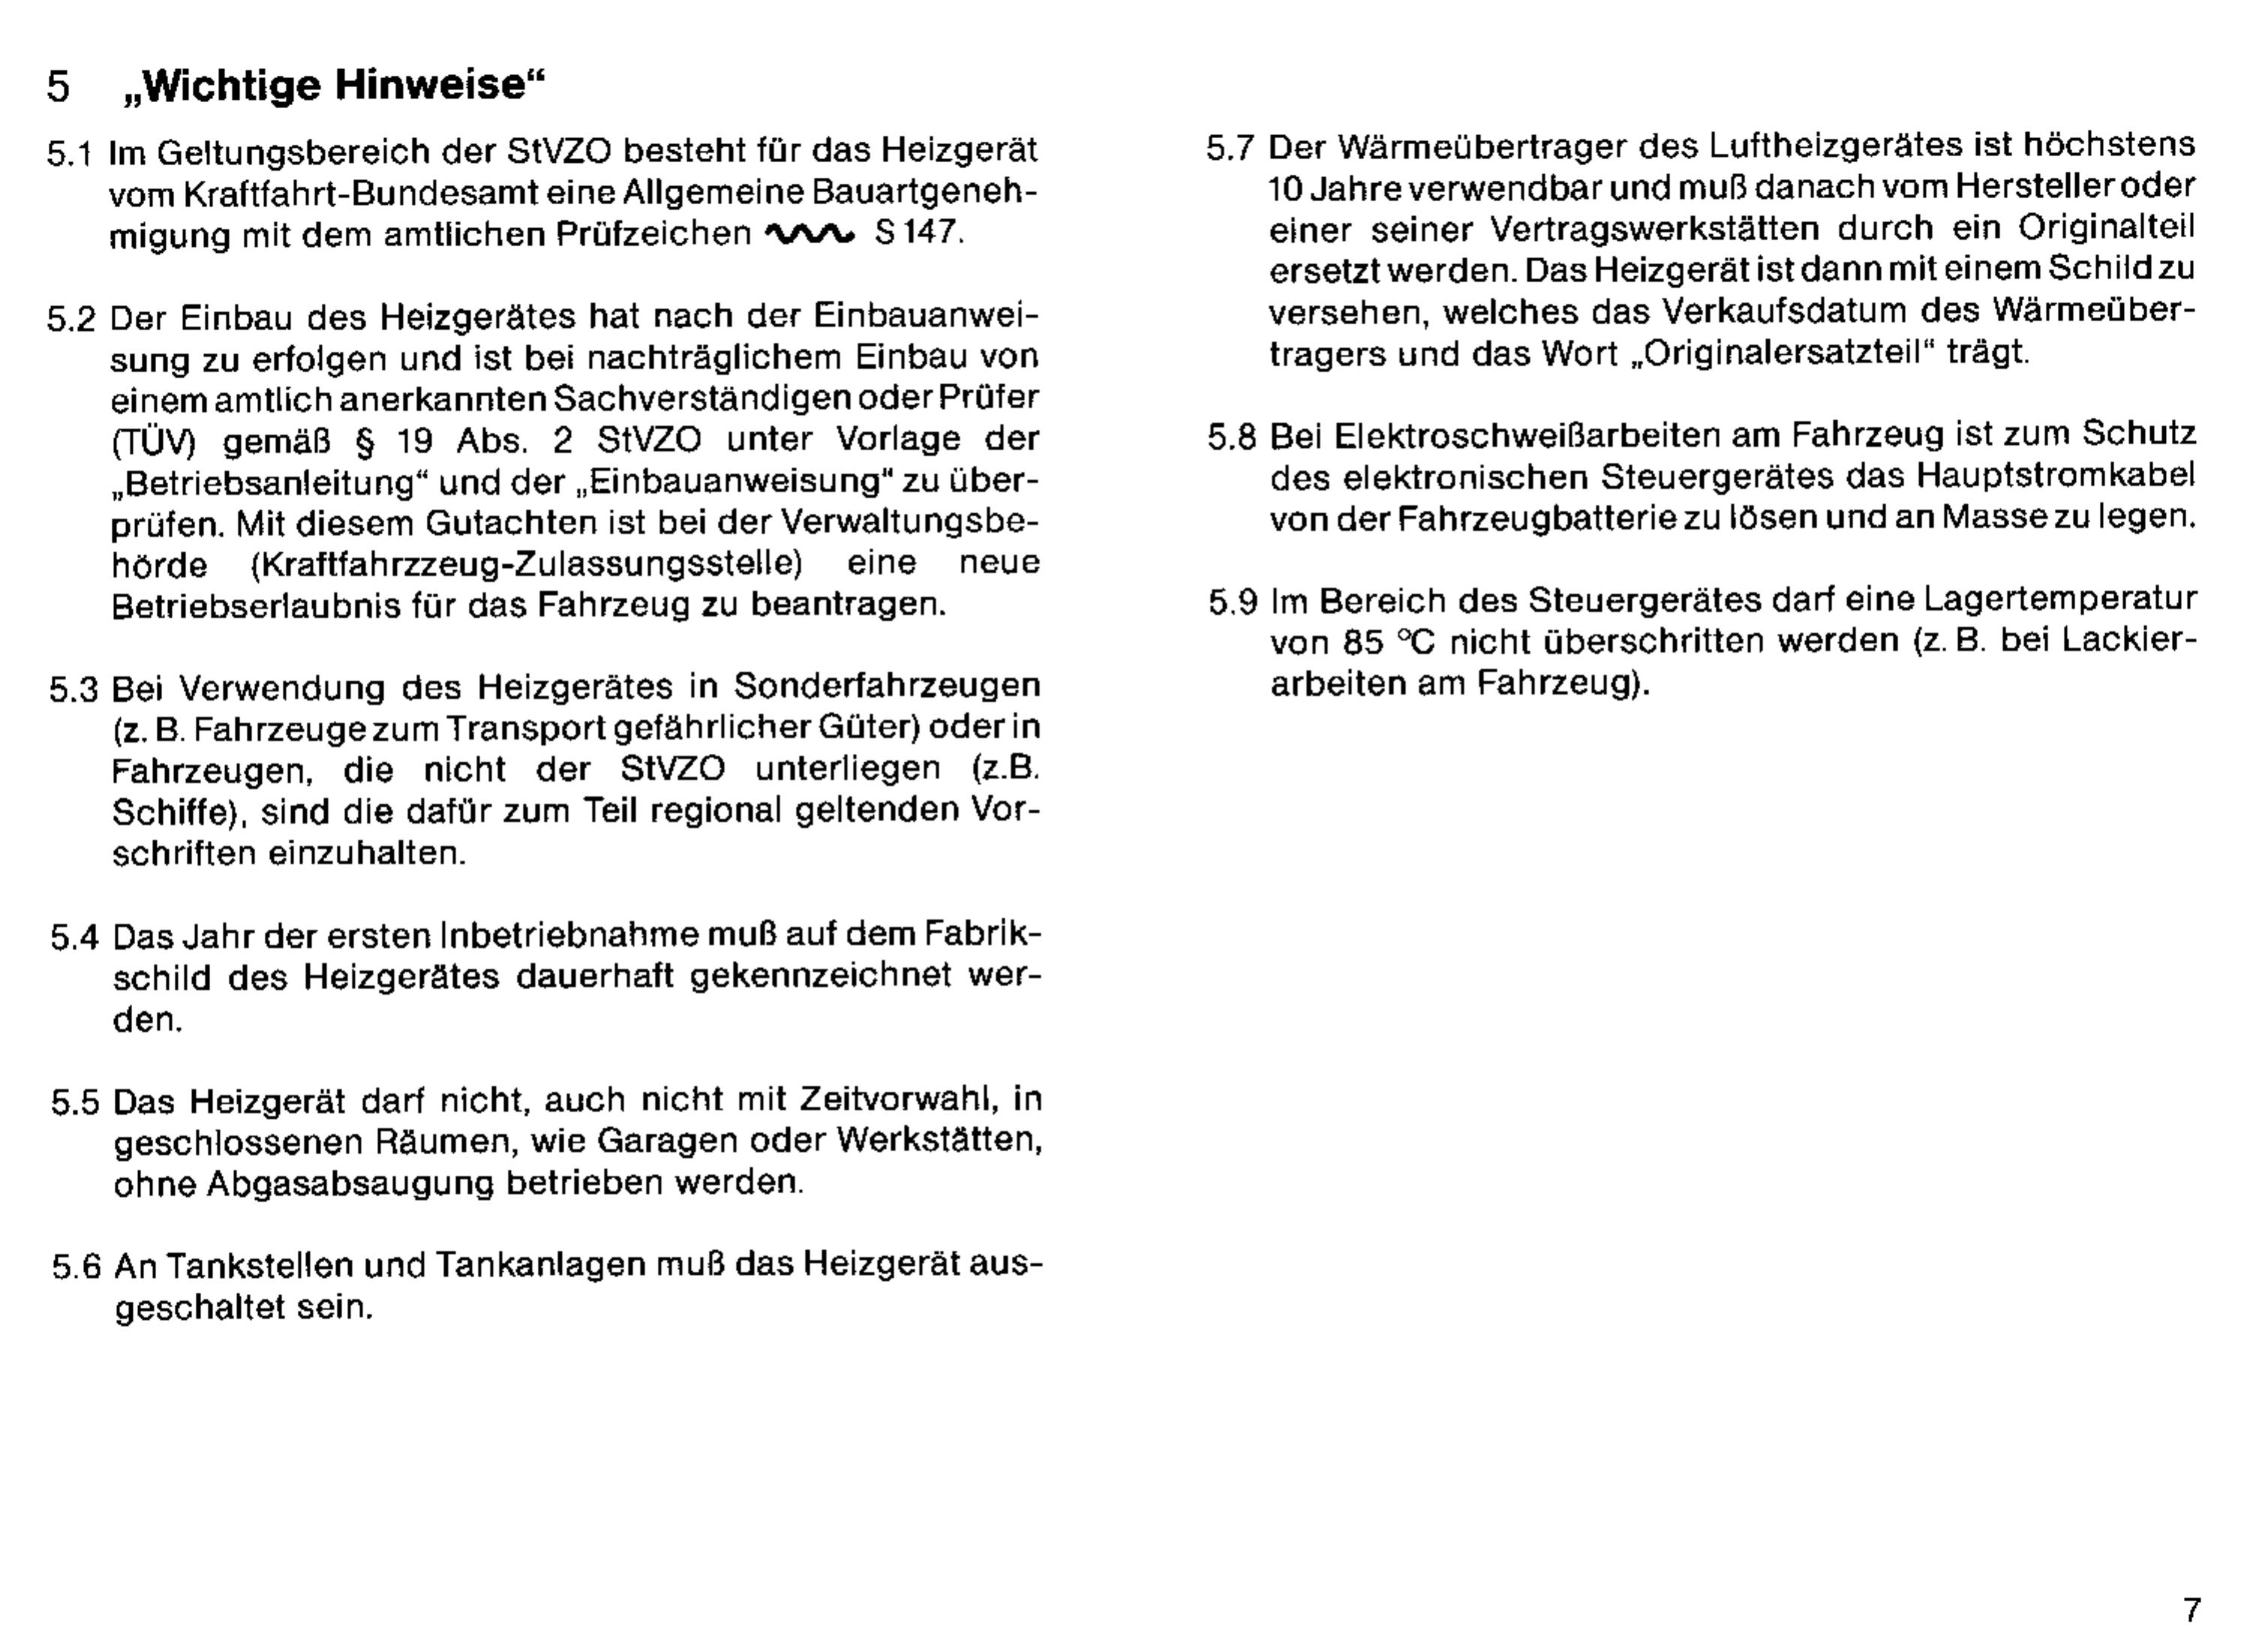 Gemütlich Benutzerhandbuch Vorlage Fotos - Beispielzusammenfassung ...